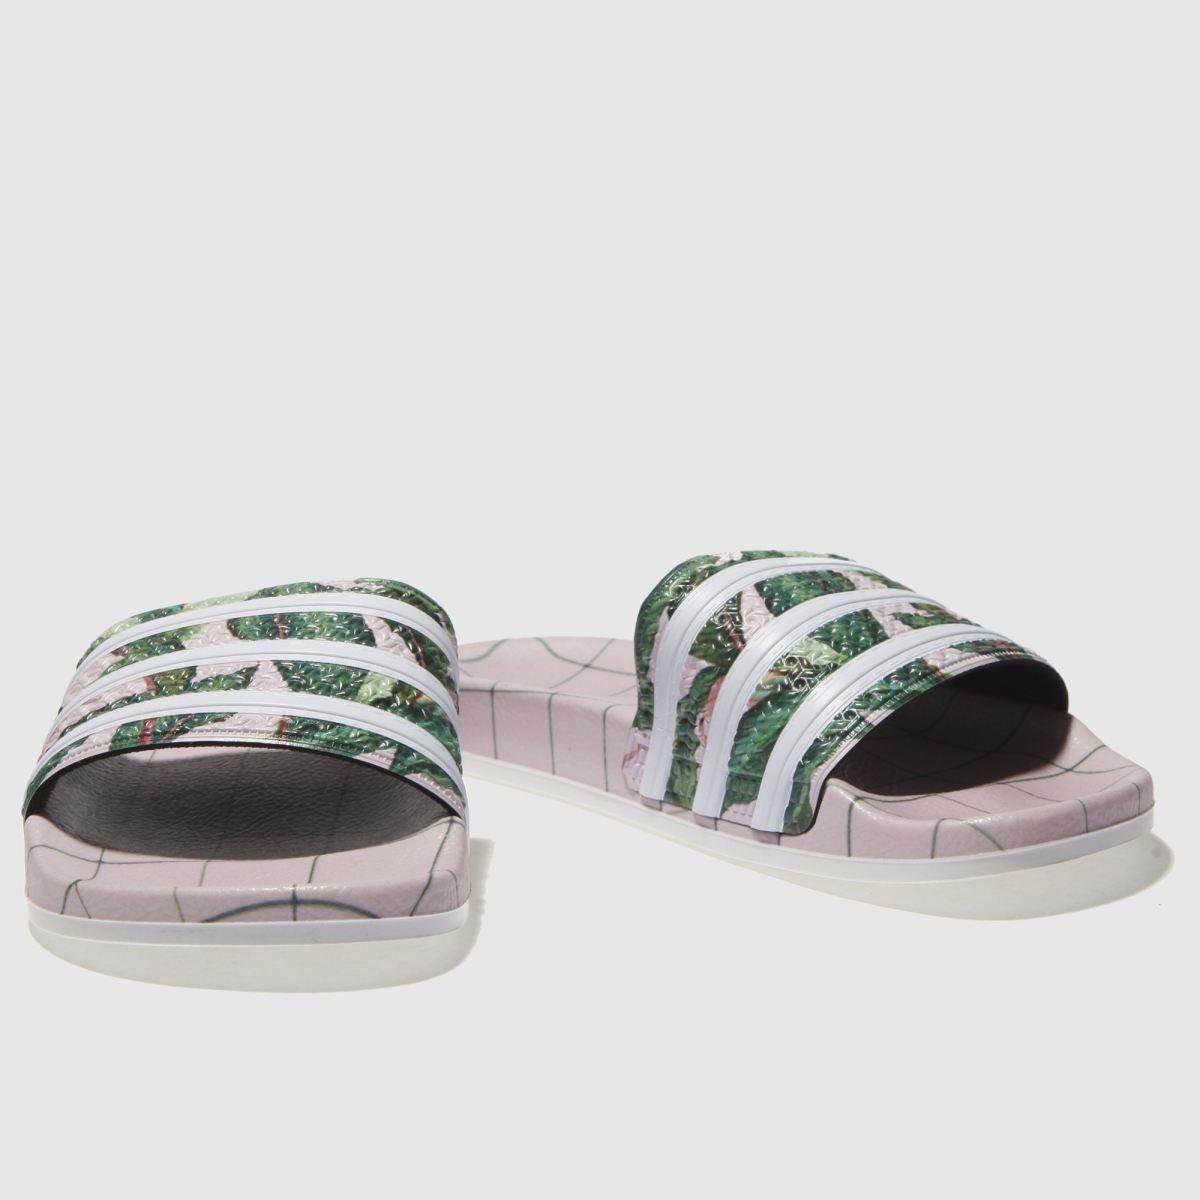 Beliebte Adidas Schuhe Gute Qualität SandalenSchuh Damen Adilette MGVpjLqUSz